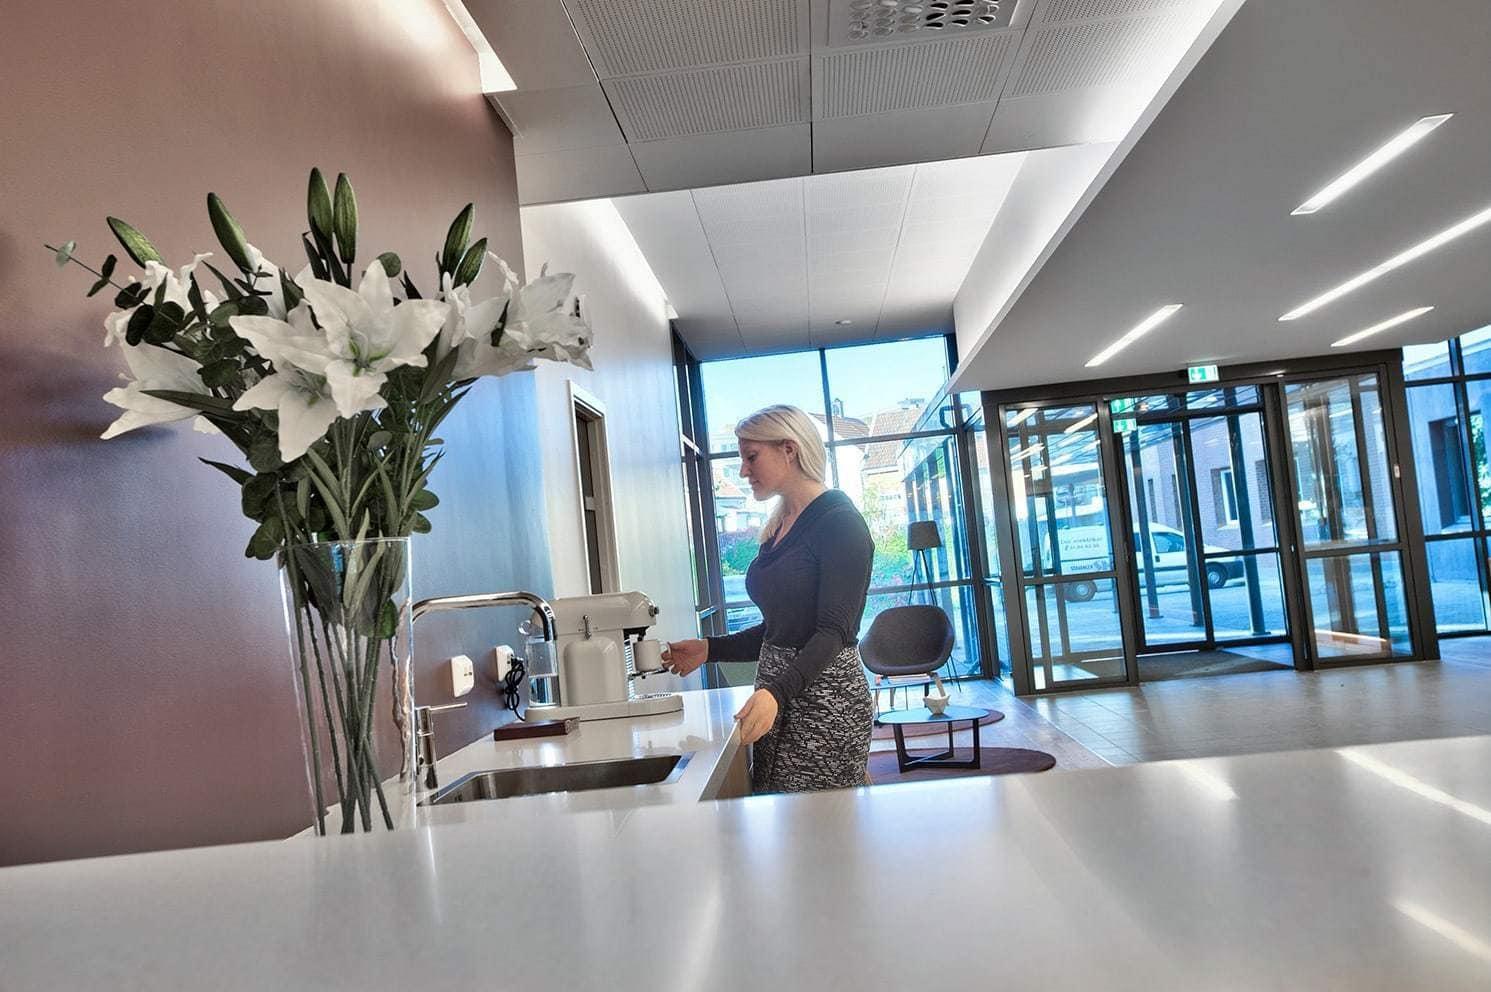 Kaffebar i den åpne og innbydende lobbyen